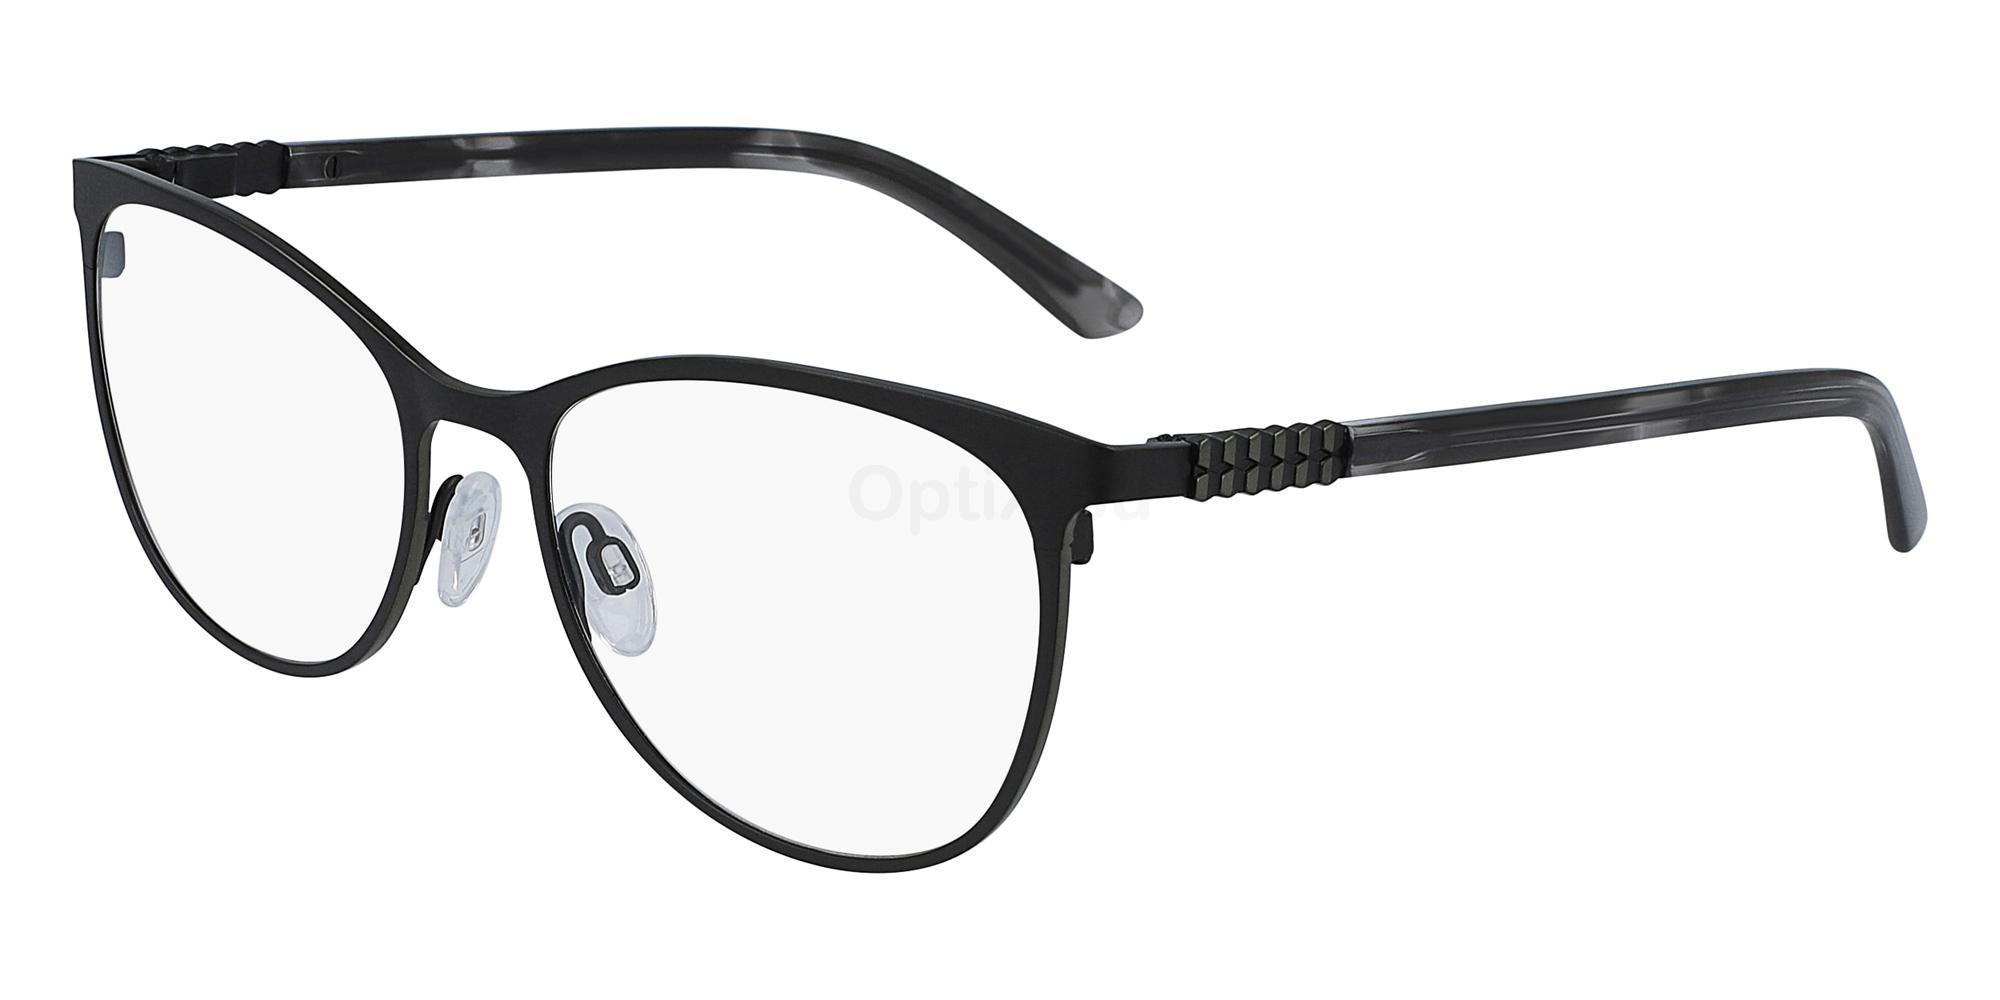 001 SK2838 KONTRAST Glasses, Skaga